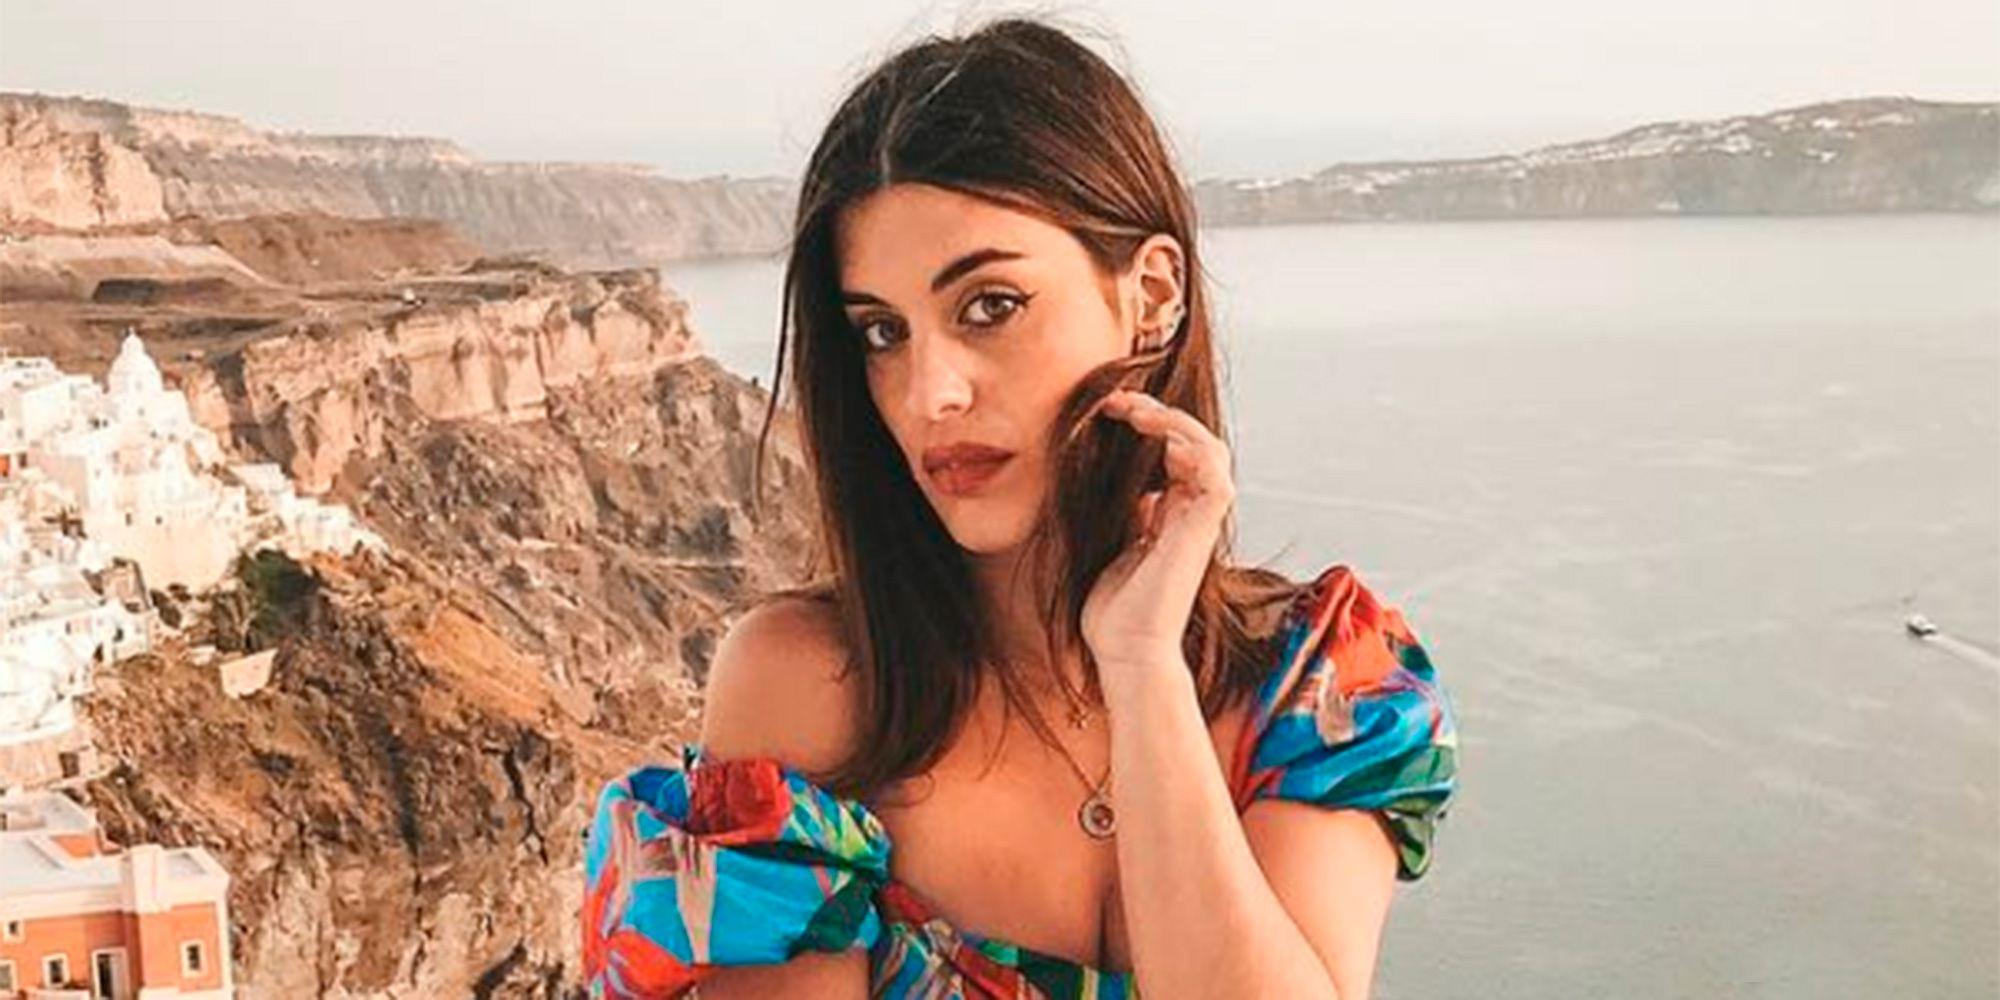 Buscado Largo De Mono El Más Tropical Dulceida Instagram Zara Con 1FTlJcK